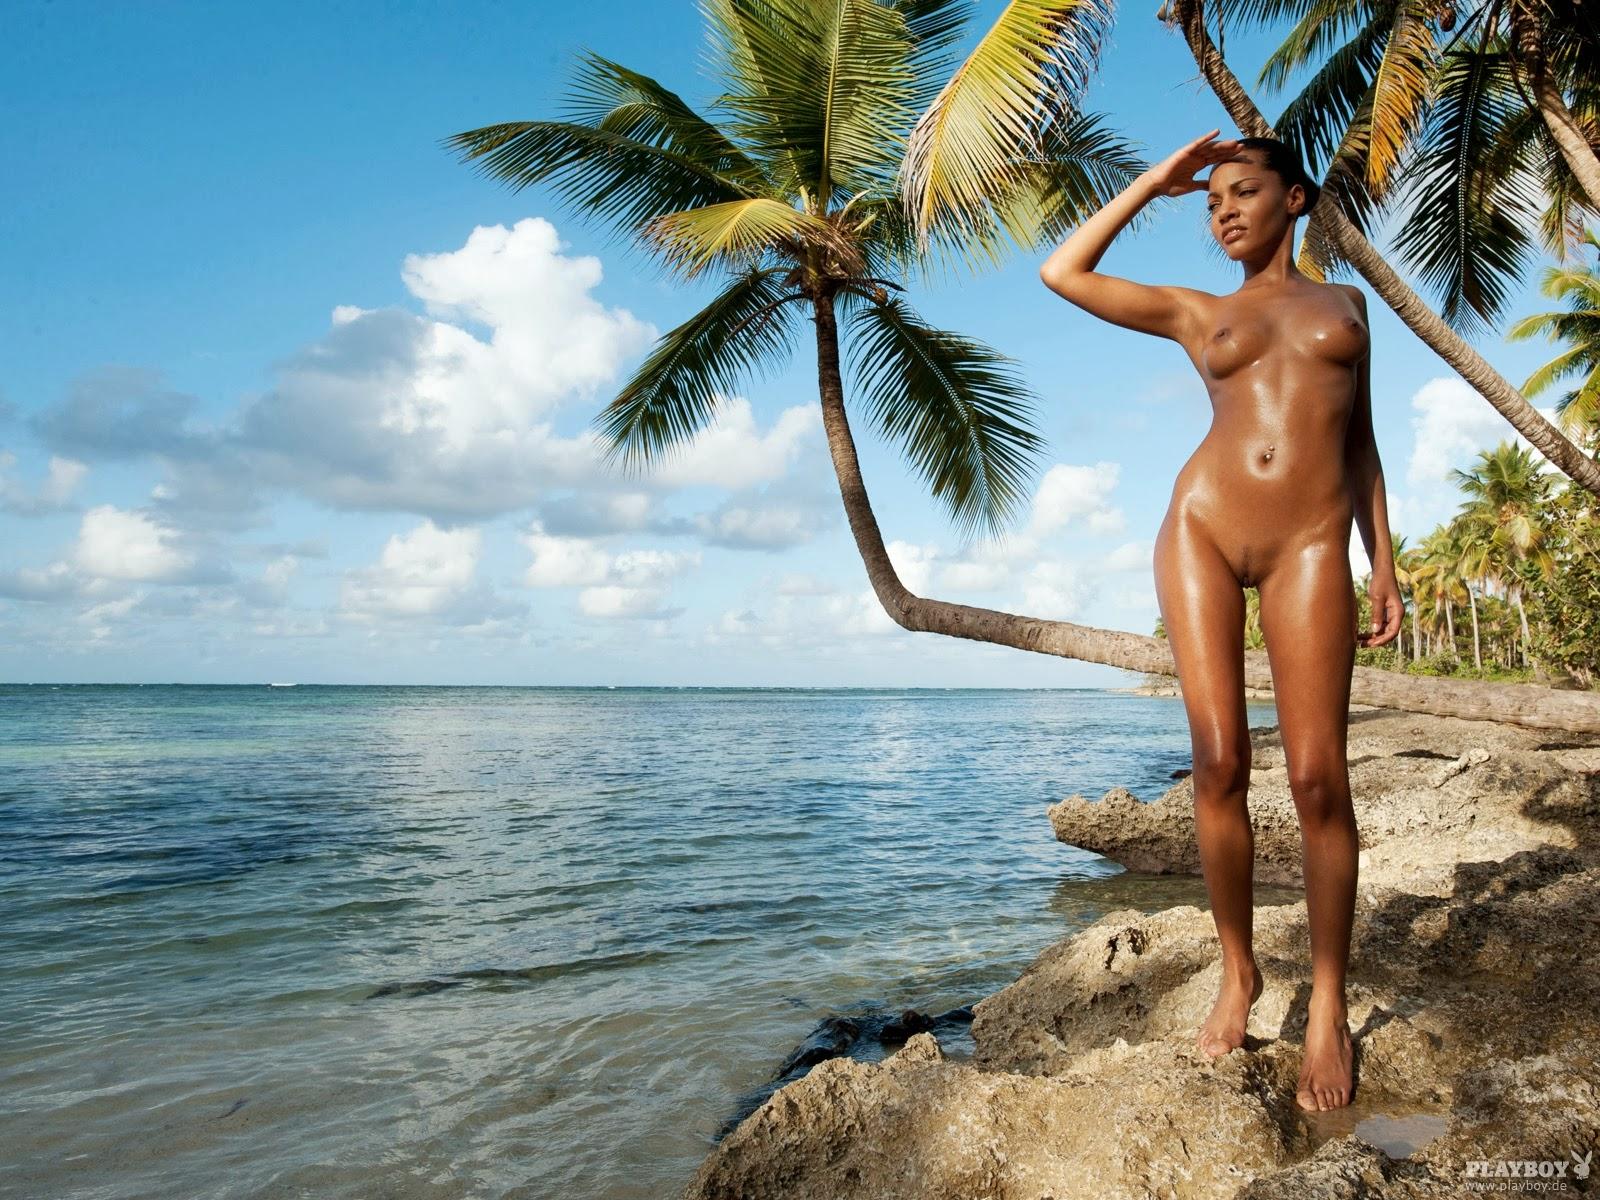 весь секрет фото кубинских девушки обнаженные все